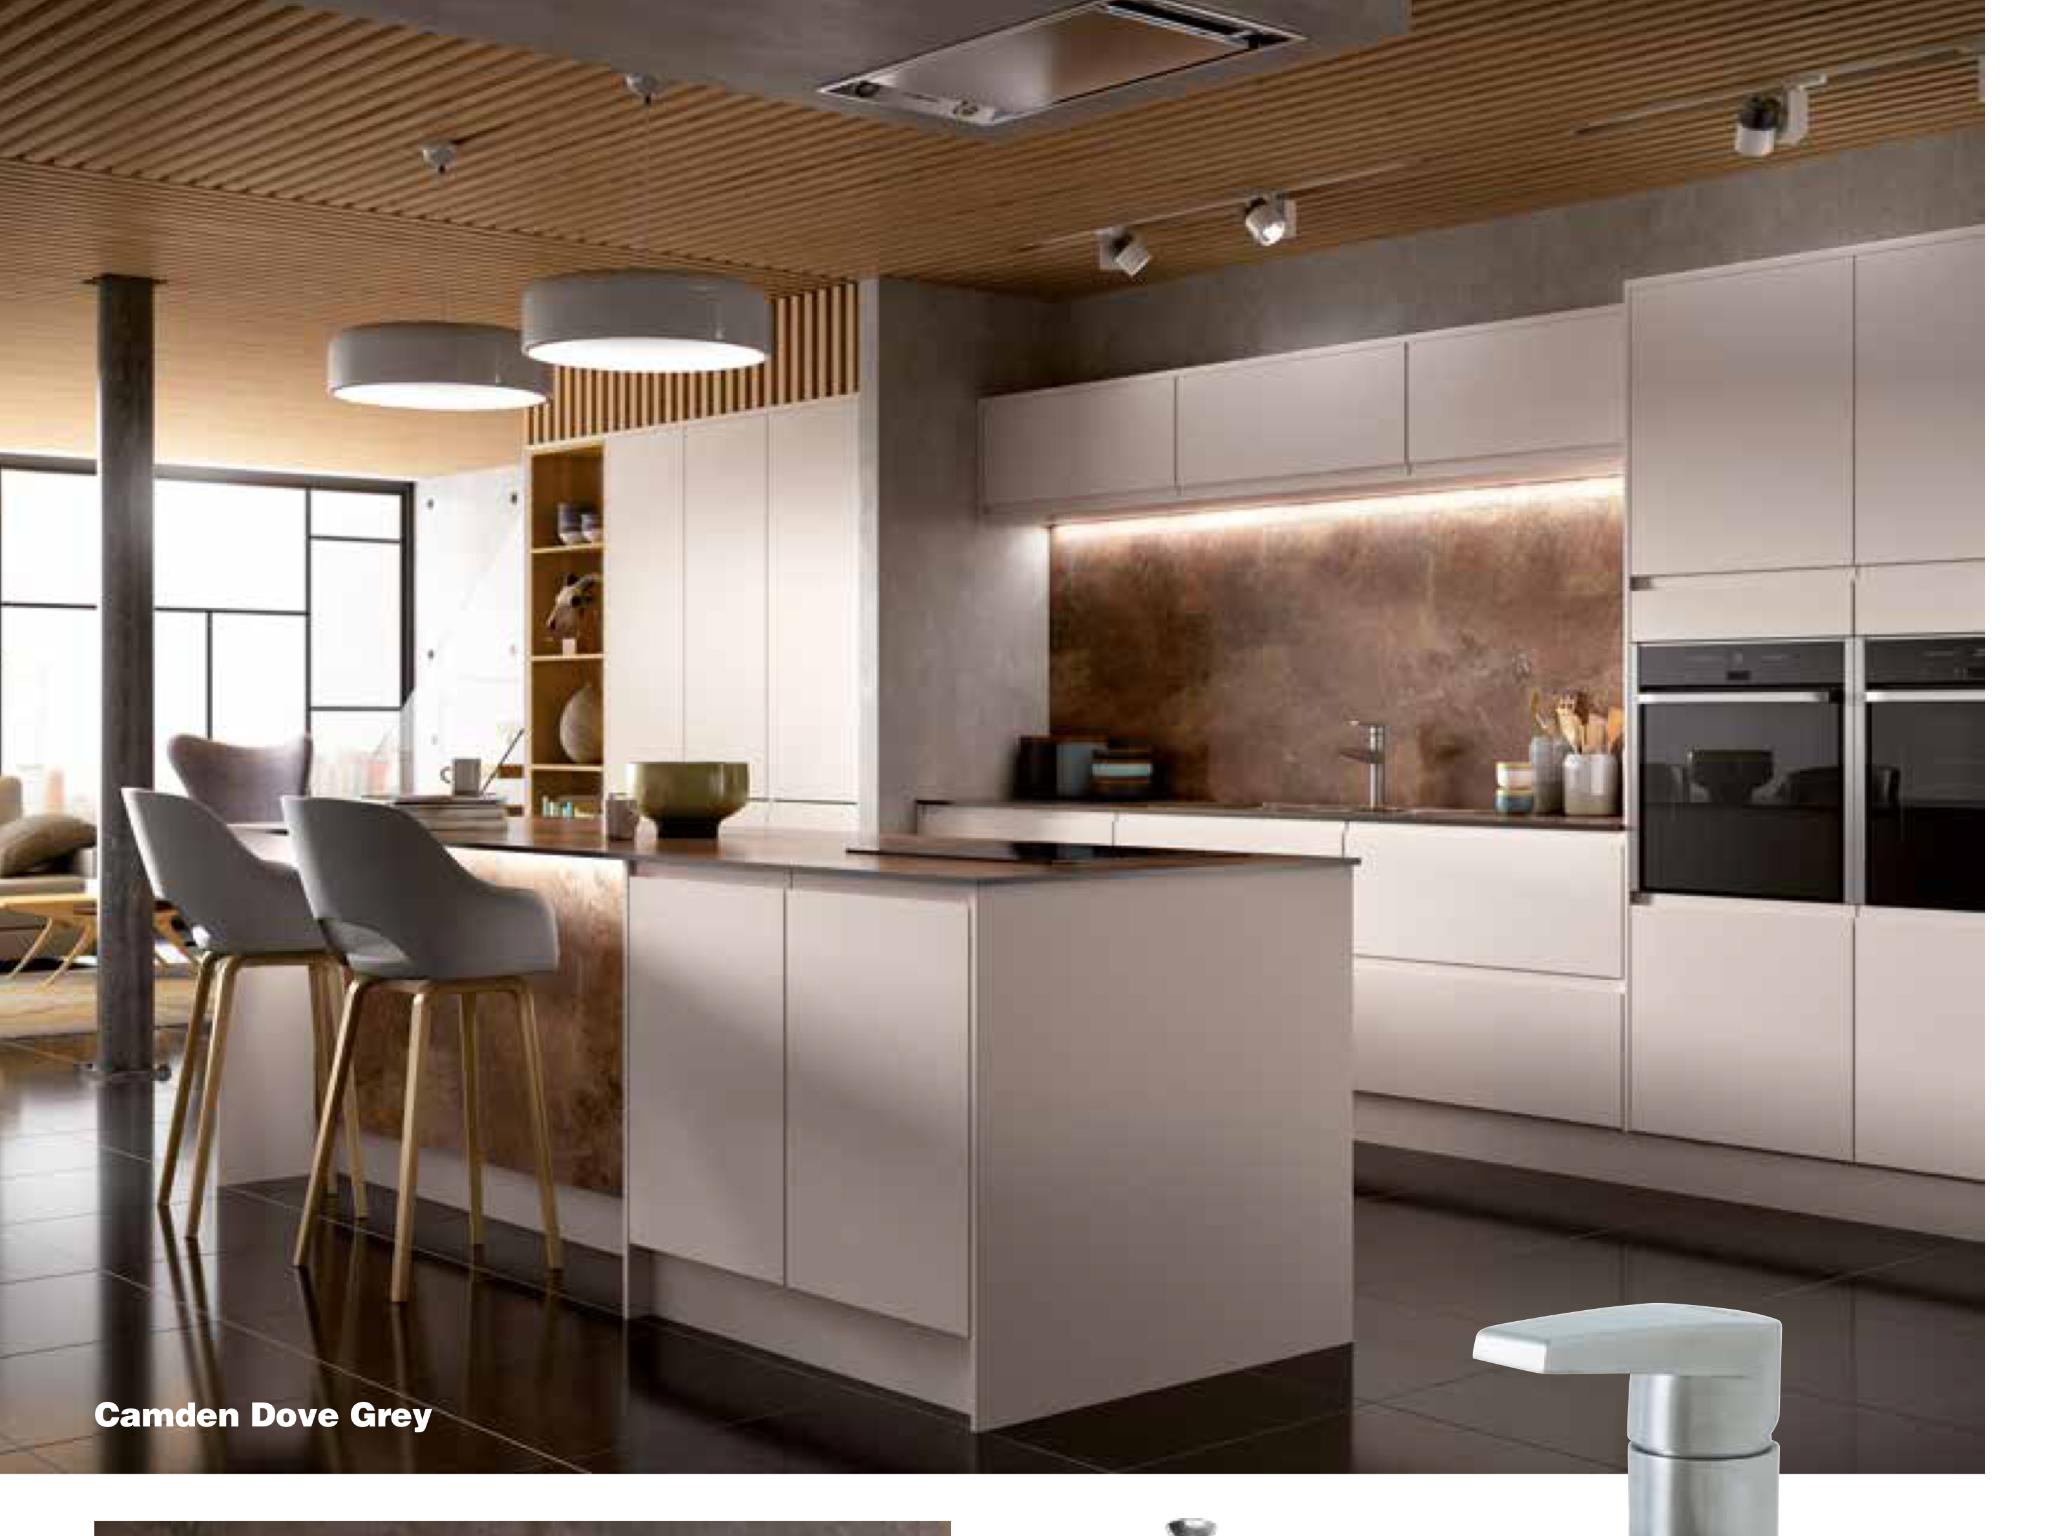 Wickes kitchen Contemporary kitchen design, Kitchen